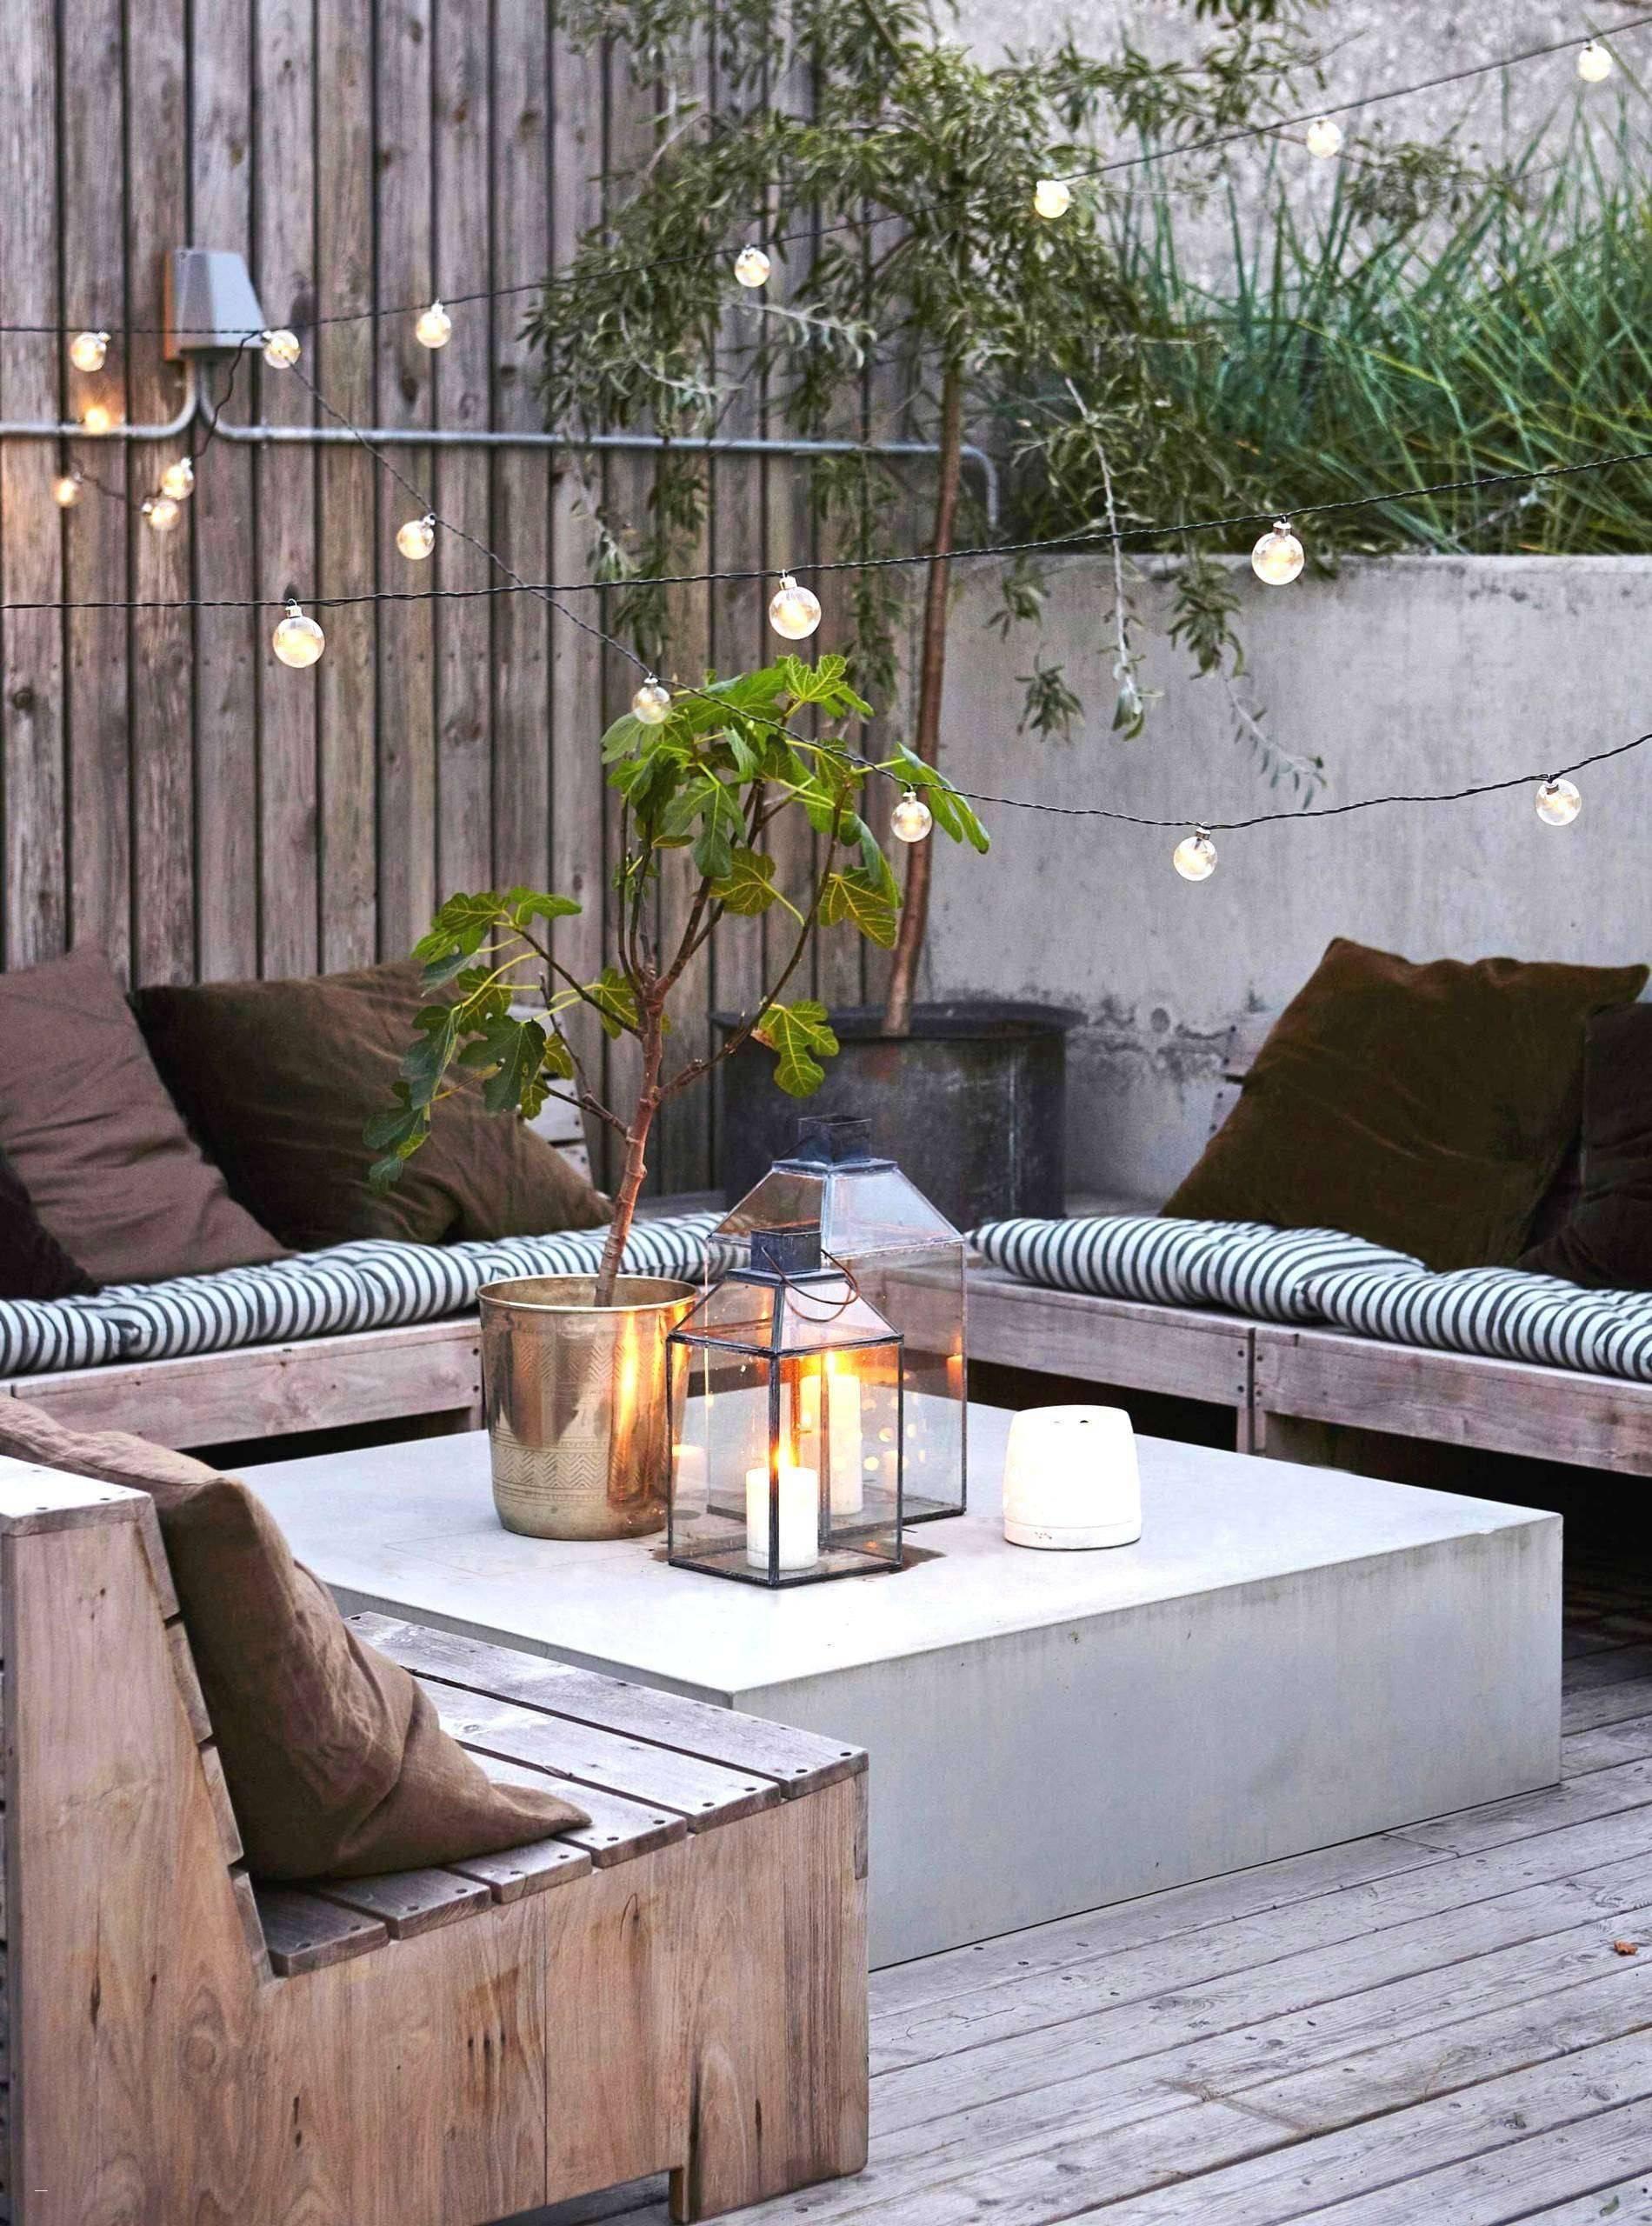 wohnzimmer modern luxus fresh garten anlegen modern garten kamin wohnideen kamin wohnzimmer auch of wohnzimmer modern luxus